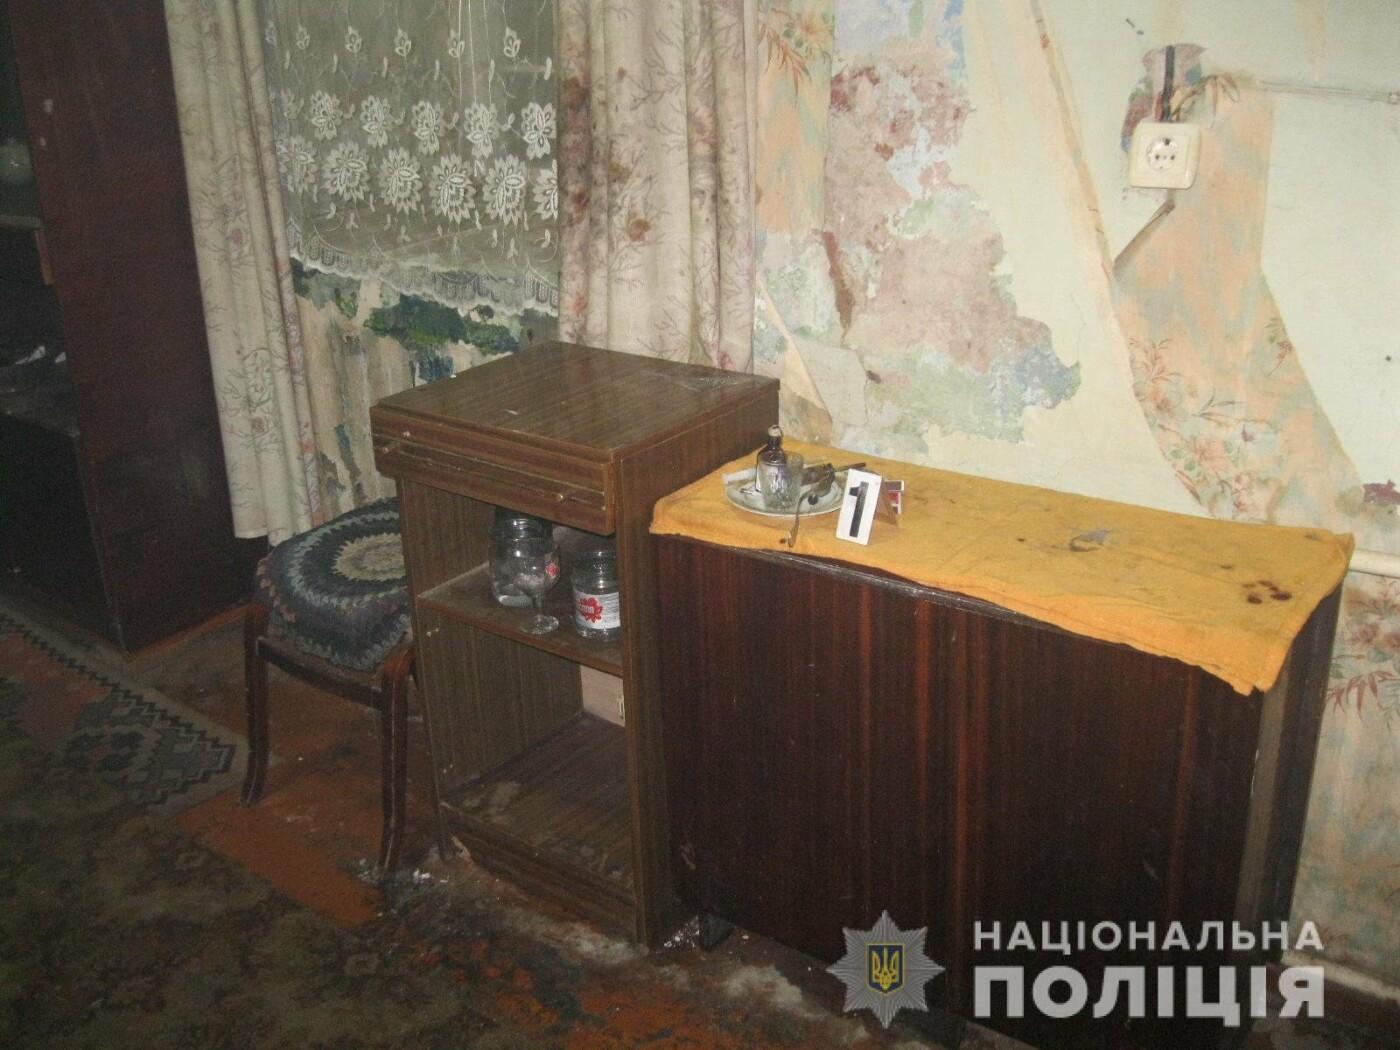 На Харьковщине мужчина устроил в своей квартире наркопритон, - ФОТО, фото-1